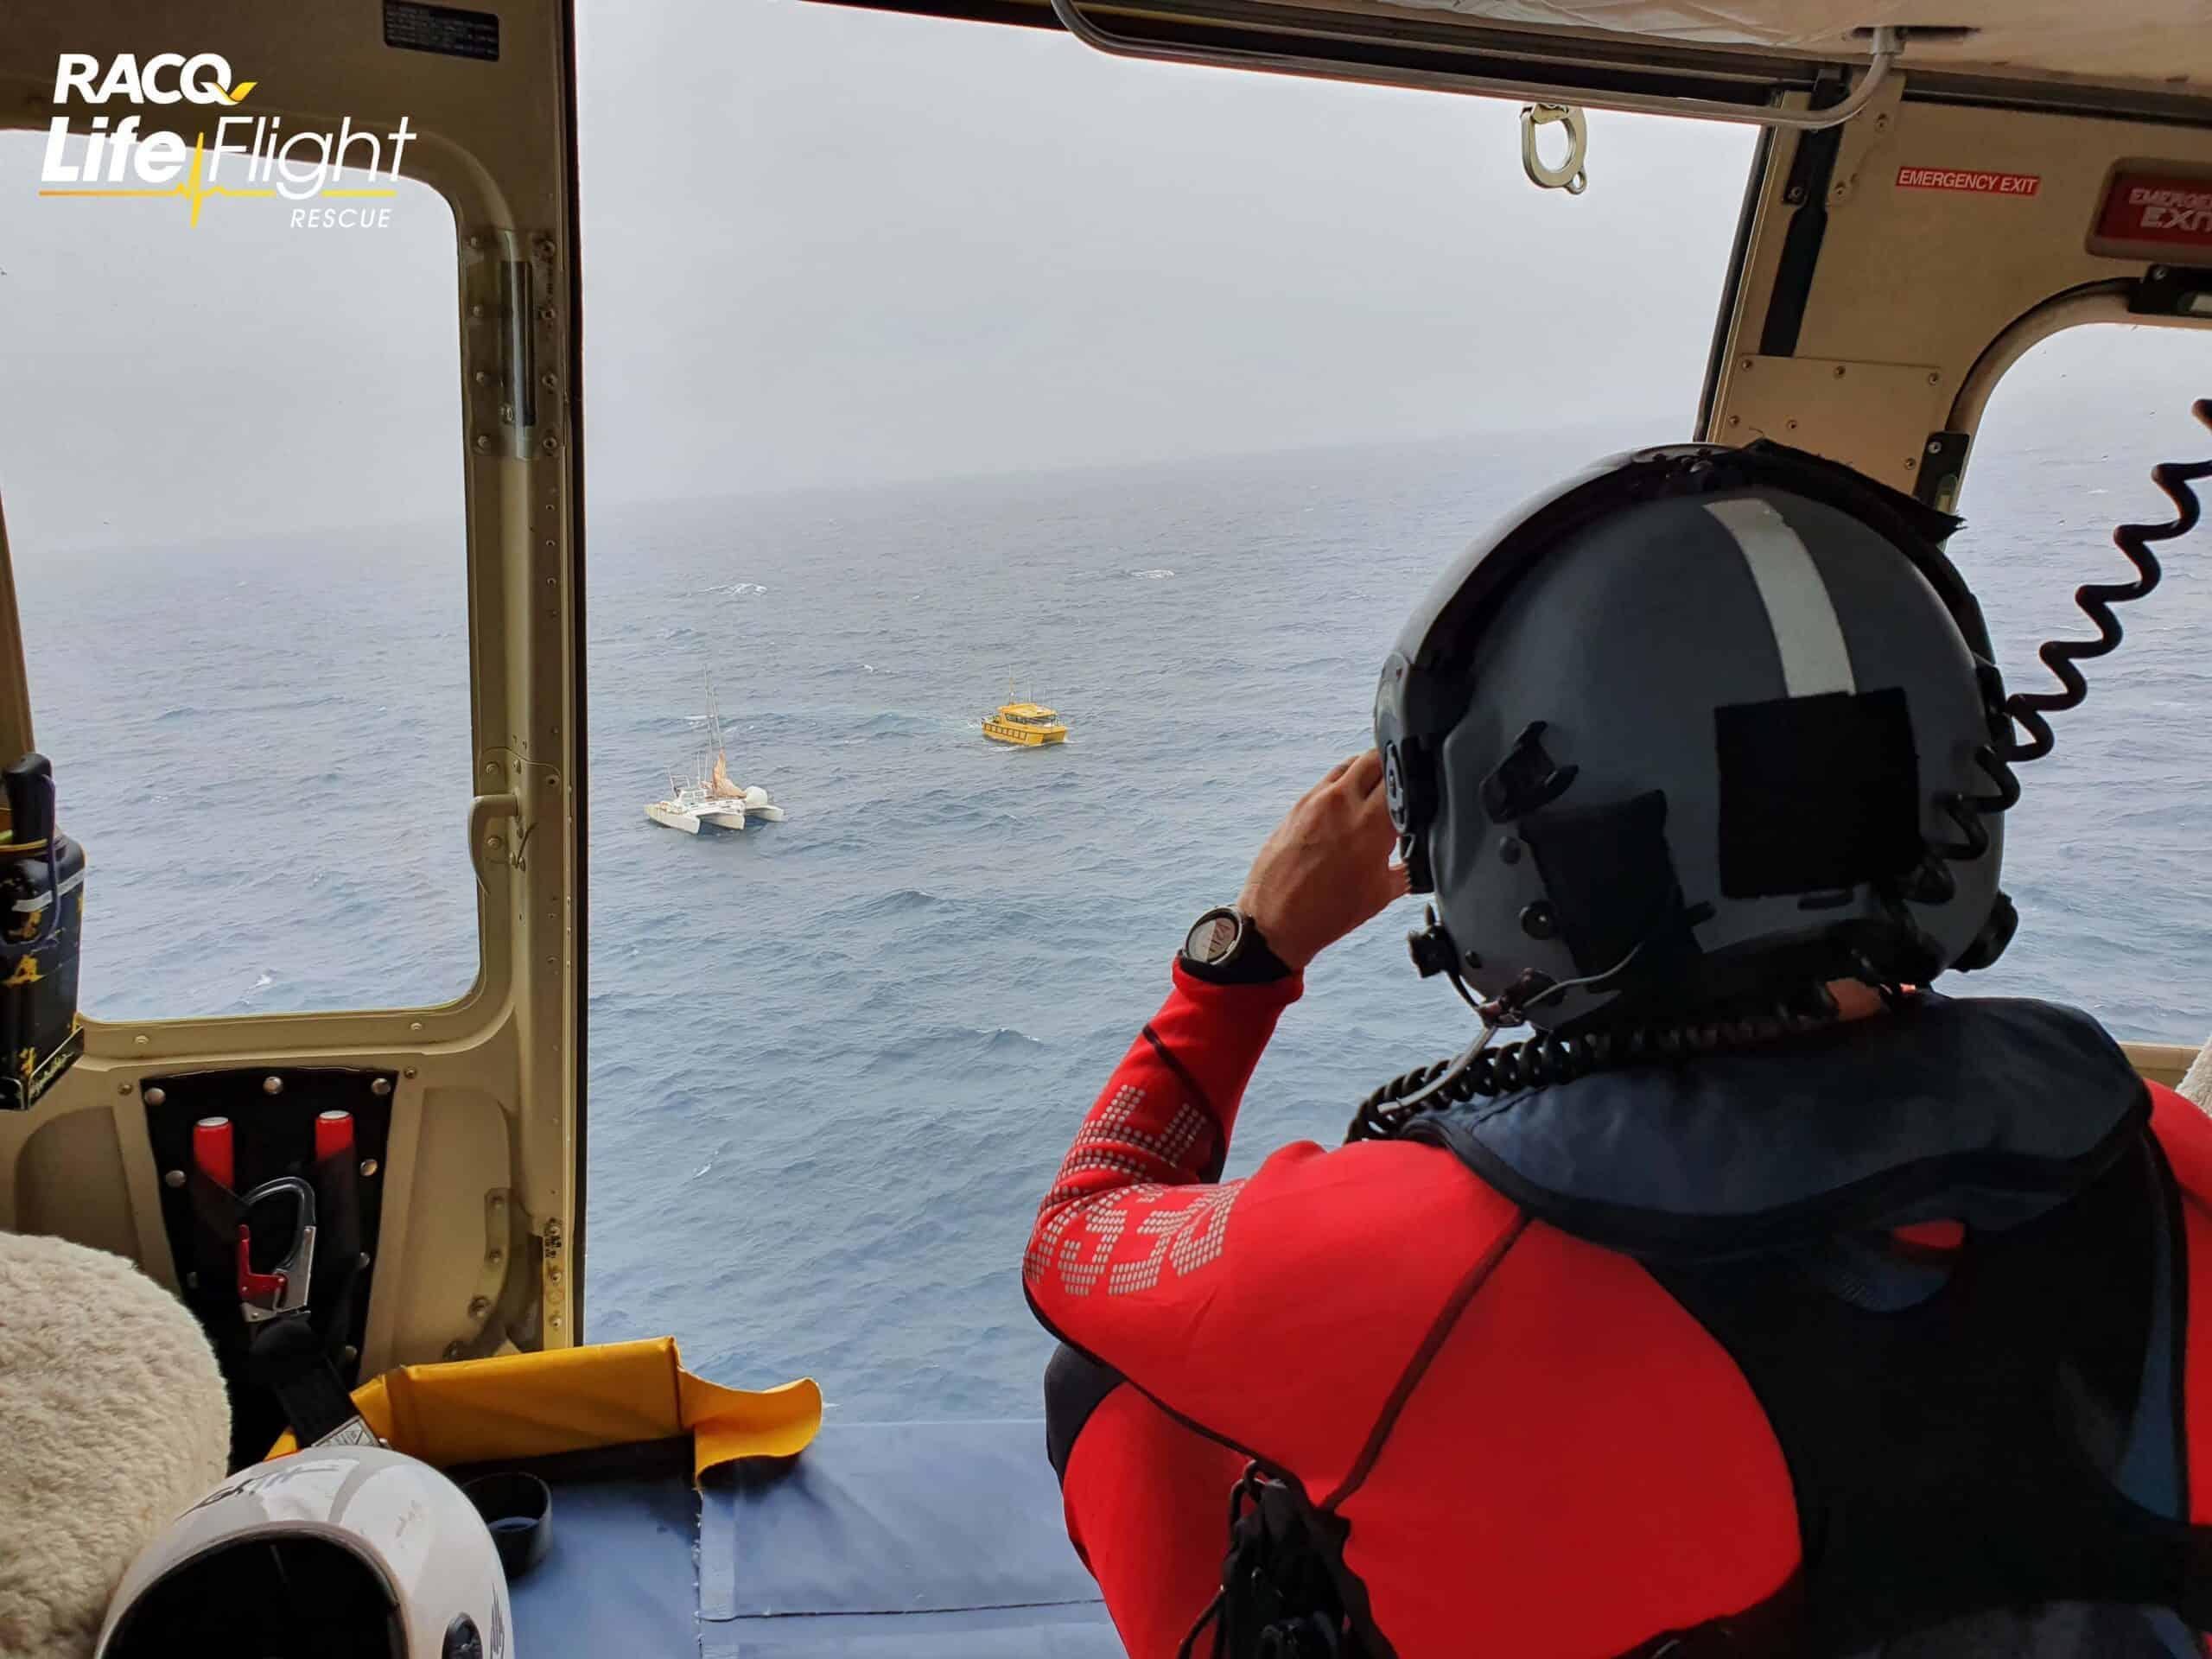 RACQ LifeFlight Rescue assists boatie on board damaged vessel